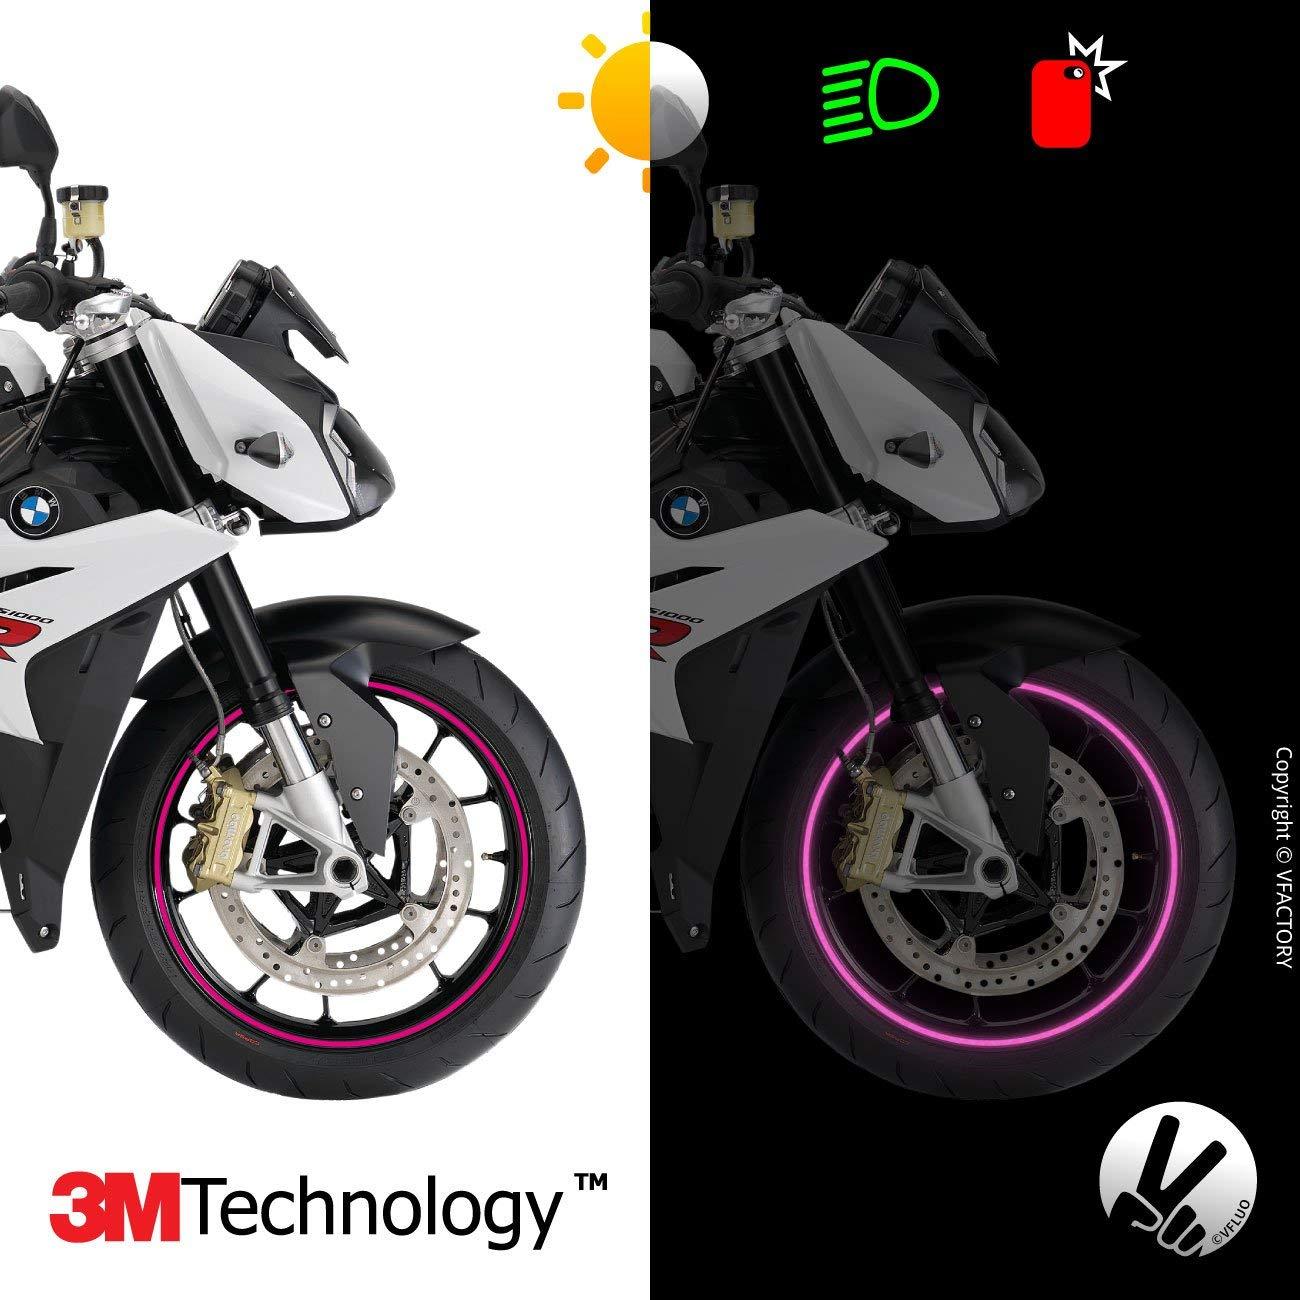 VFLUO Circular™, Kit Bandes Jantes Moto rétro réfléchissantes (1 Roue), 3M Technology™, Liseret Largeur Normale : 7 mm, Blanc/Argenté